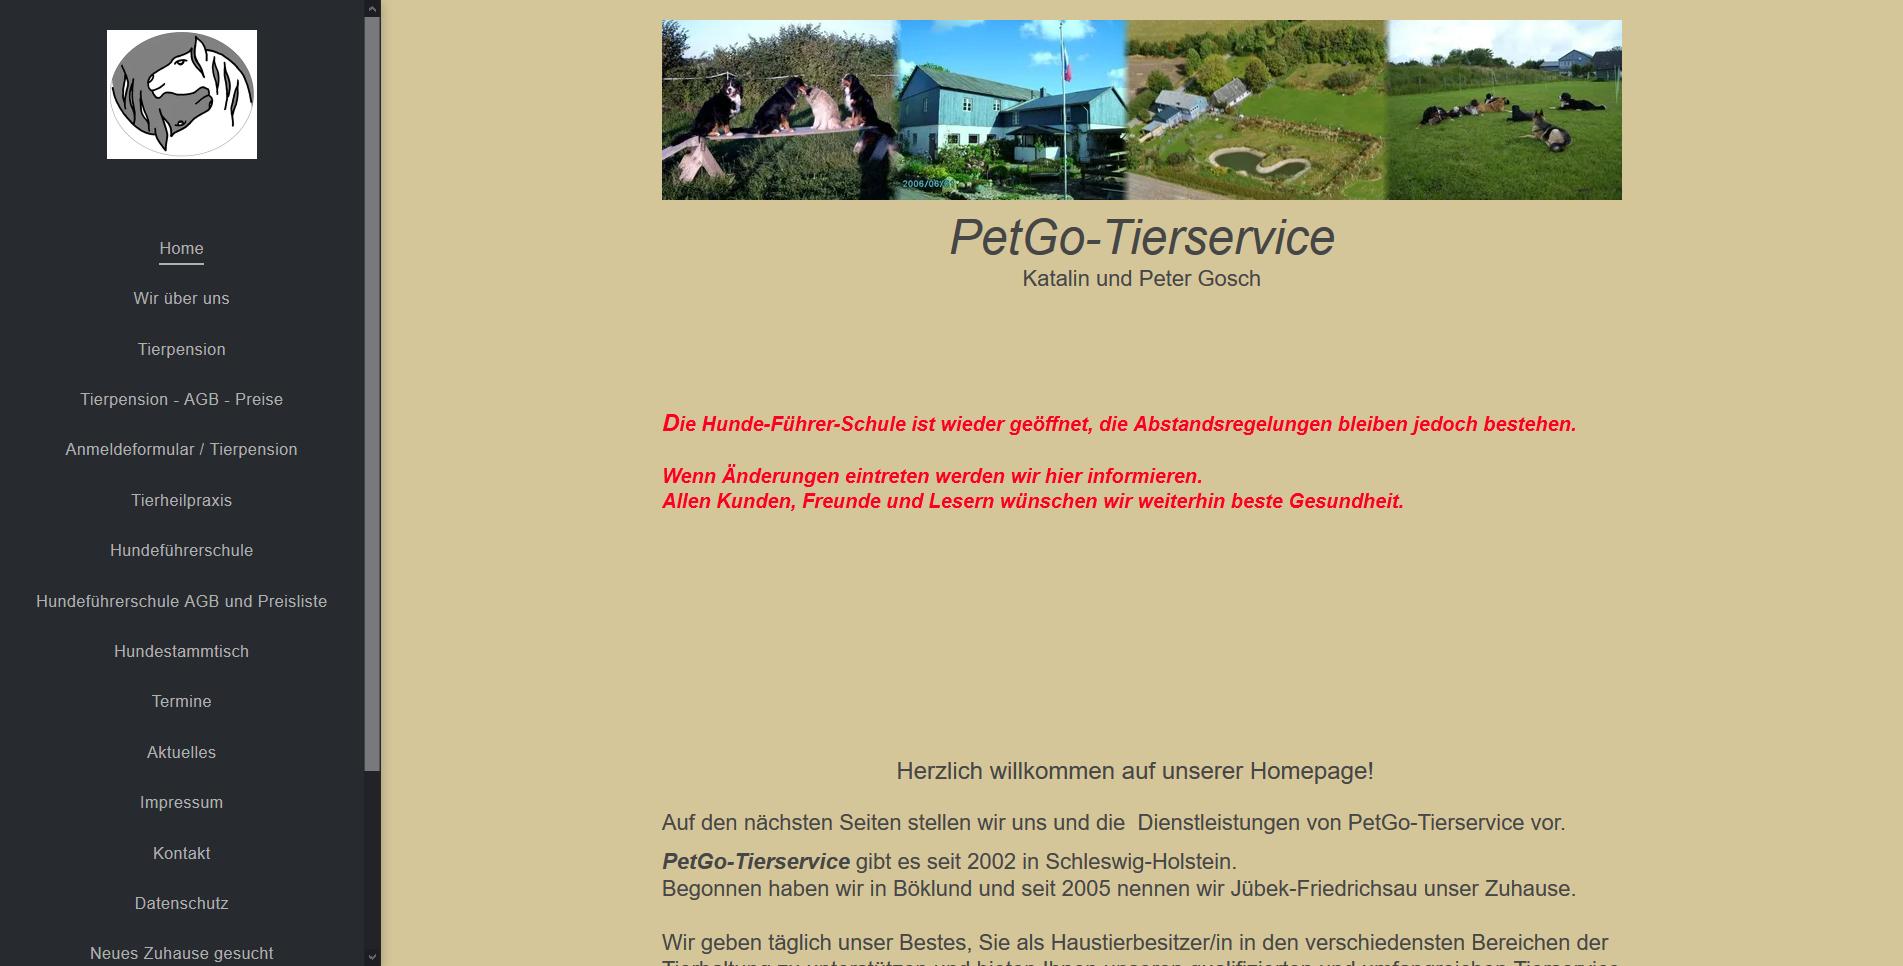 PetGo-Tierservice